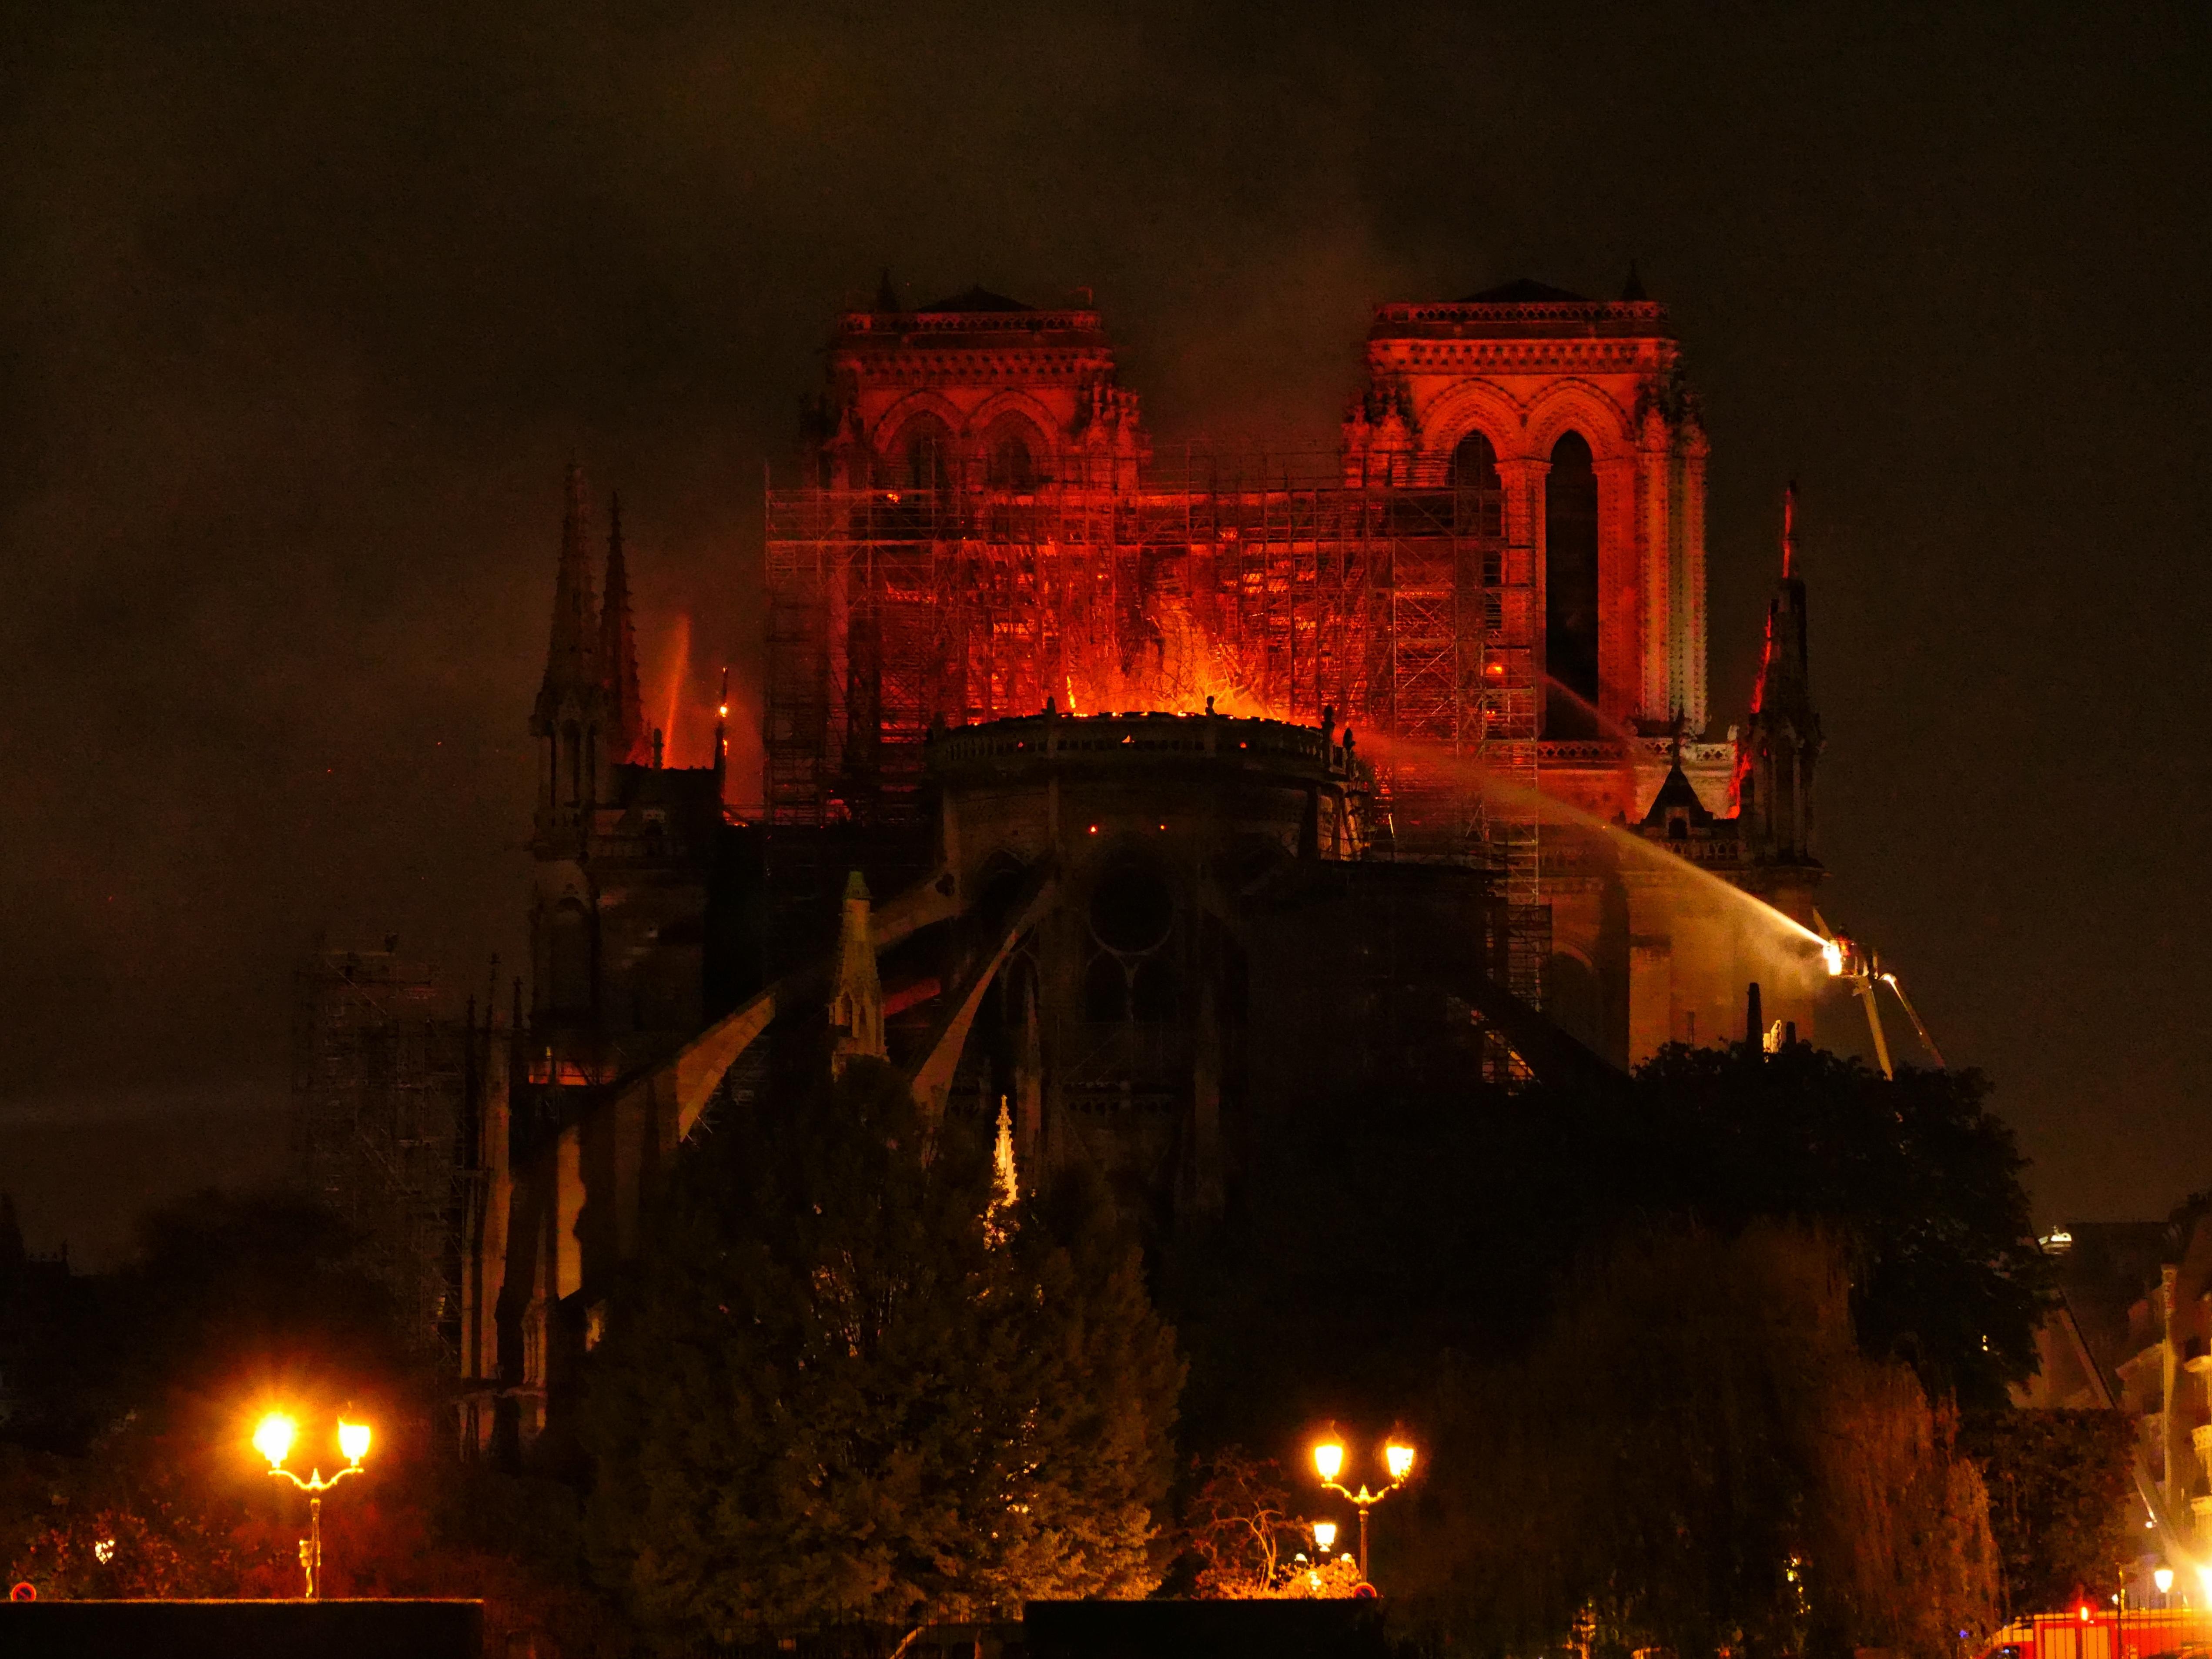 Les pompiers luttant dans la nuit pour essayer de sauver Notre Dame. Photo yann vernerie